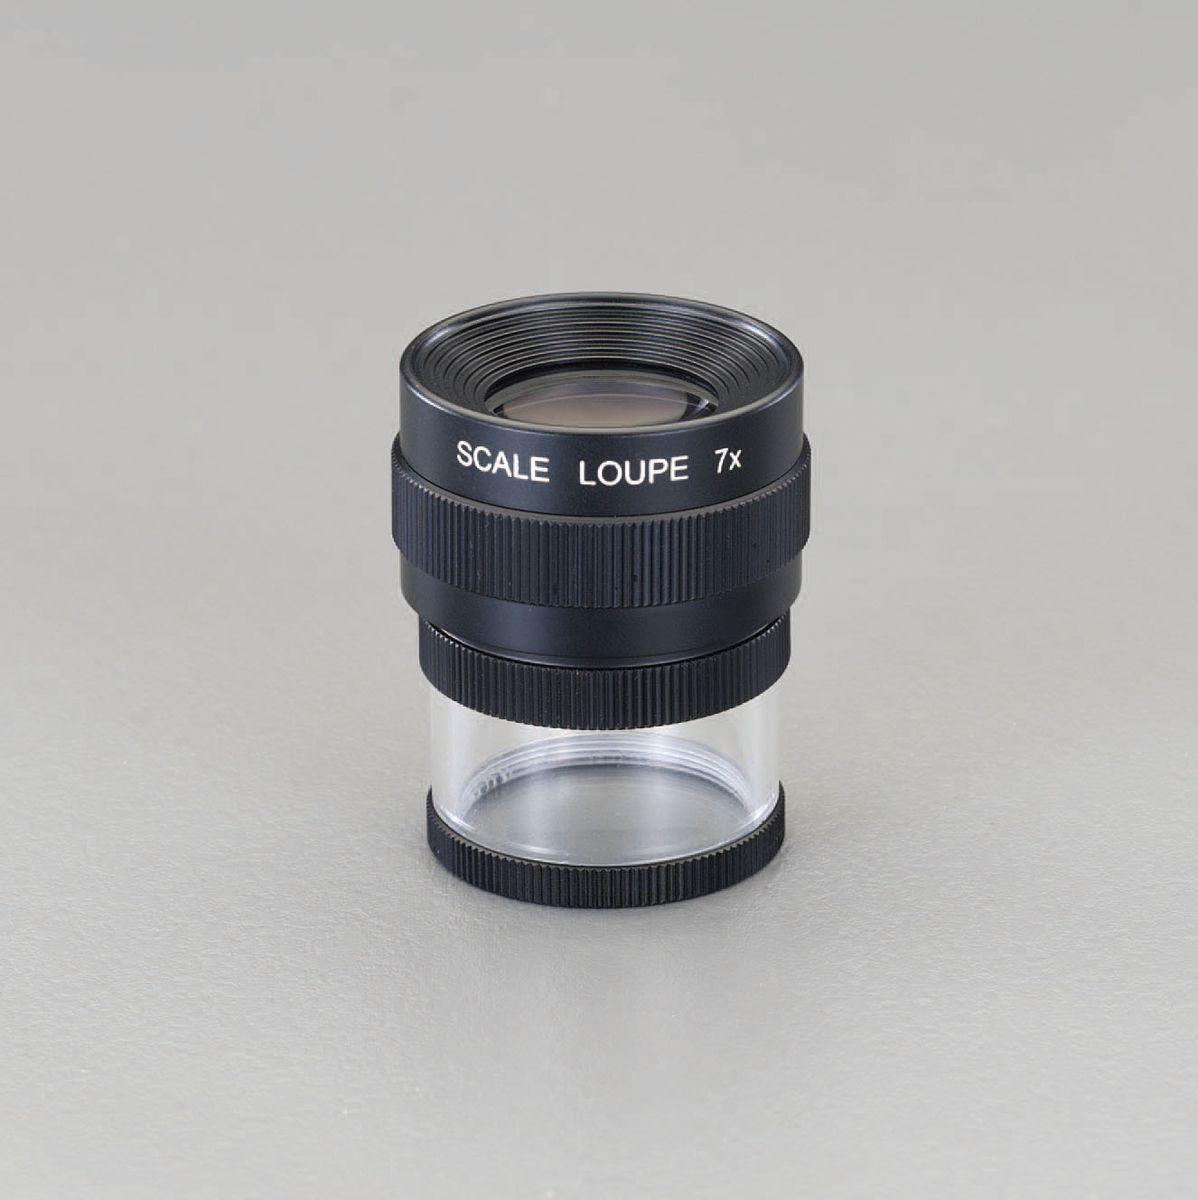 【メーカー在庫あり】 エスコ ESCO x7/23mm スケールルーペ 000012211106 HD店